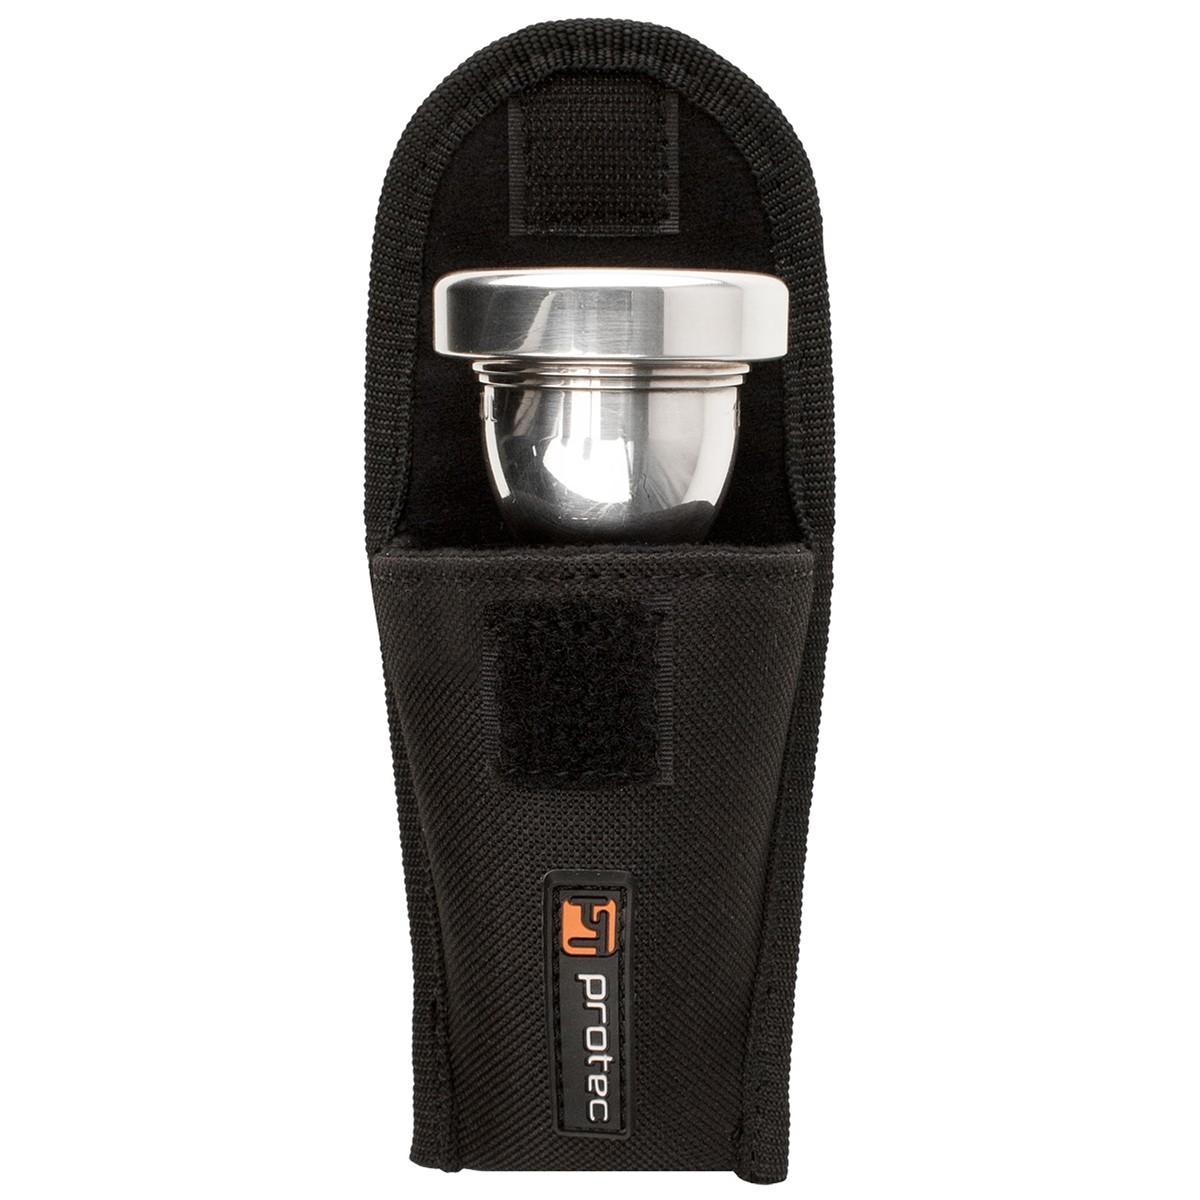 Protec Tuba Mouthpiece Pouch (A205)